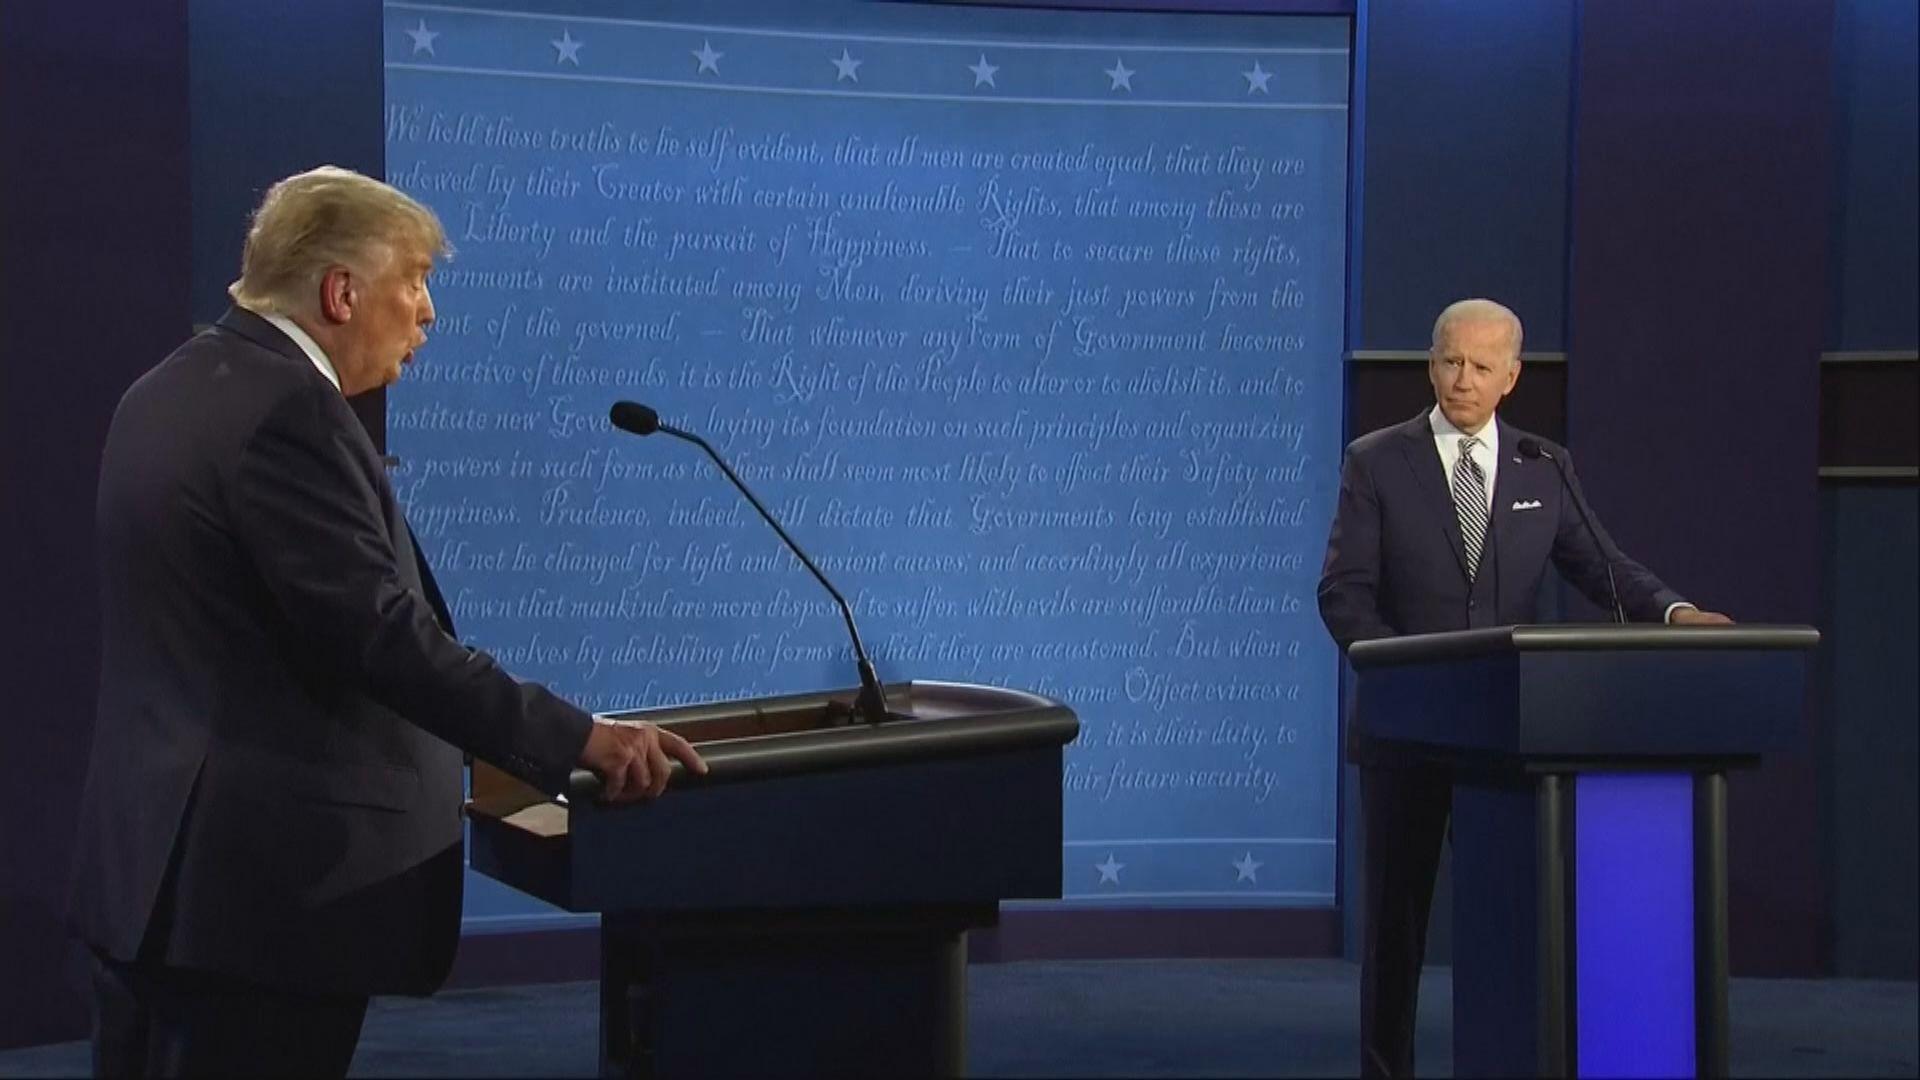 美總統候選人首場辯論 特朗普拜登在最高法院大法官等議題針鋒相對